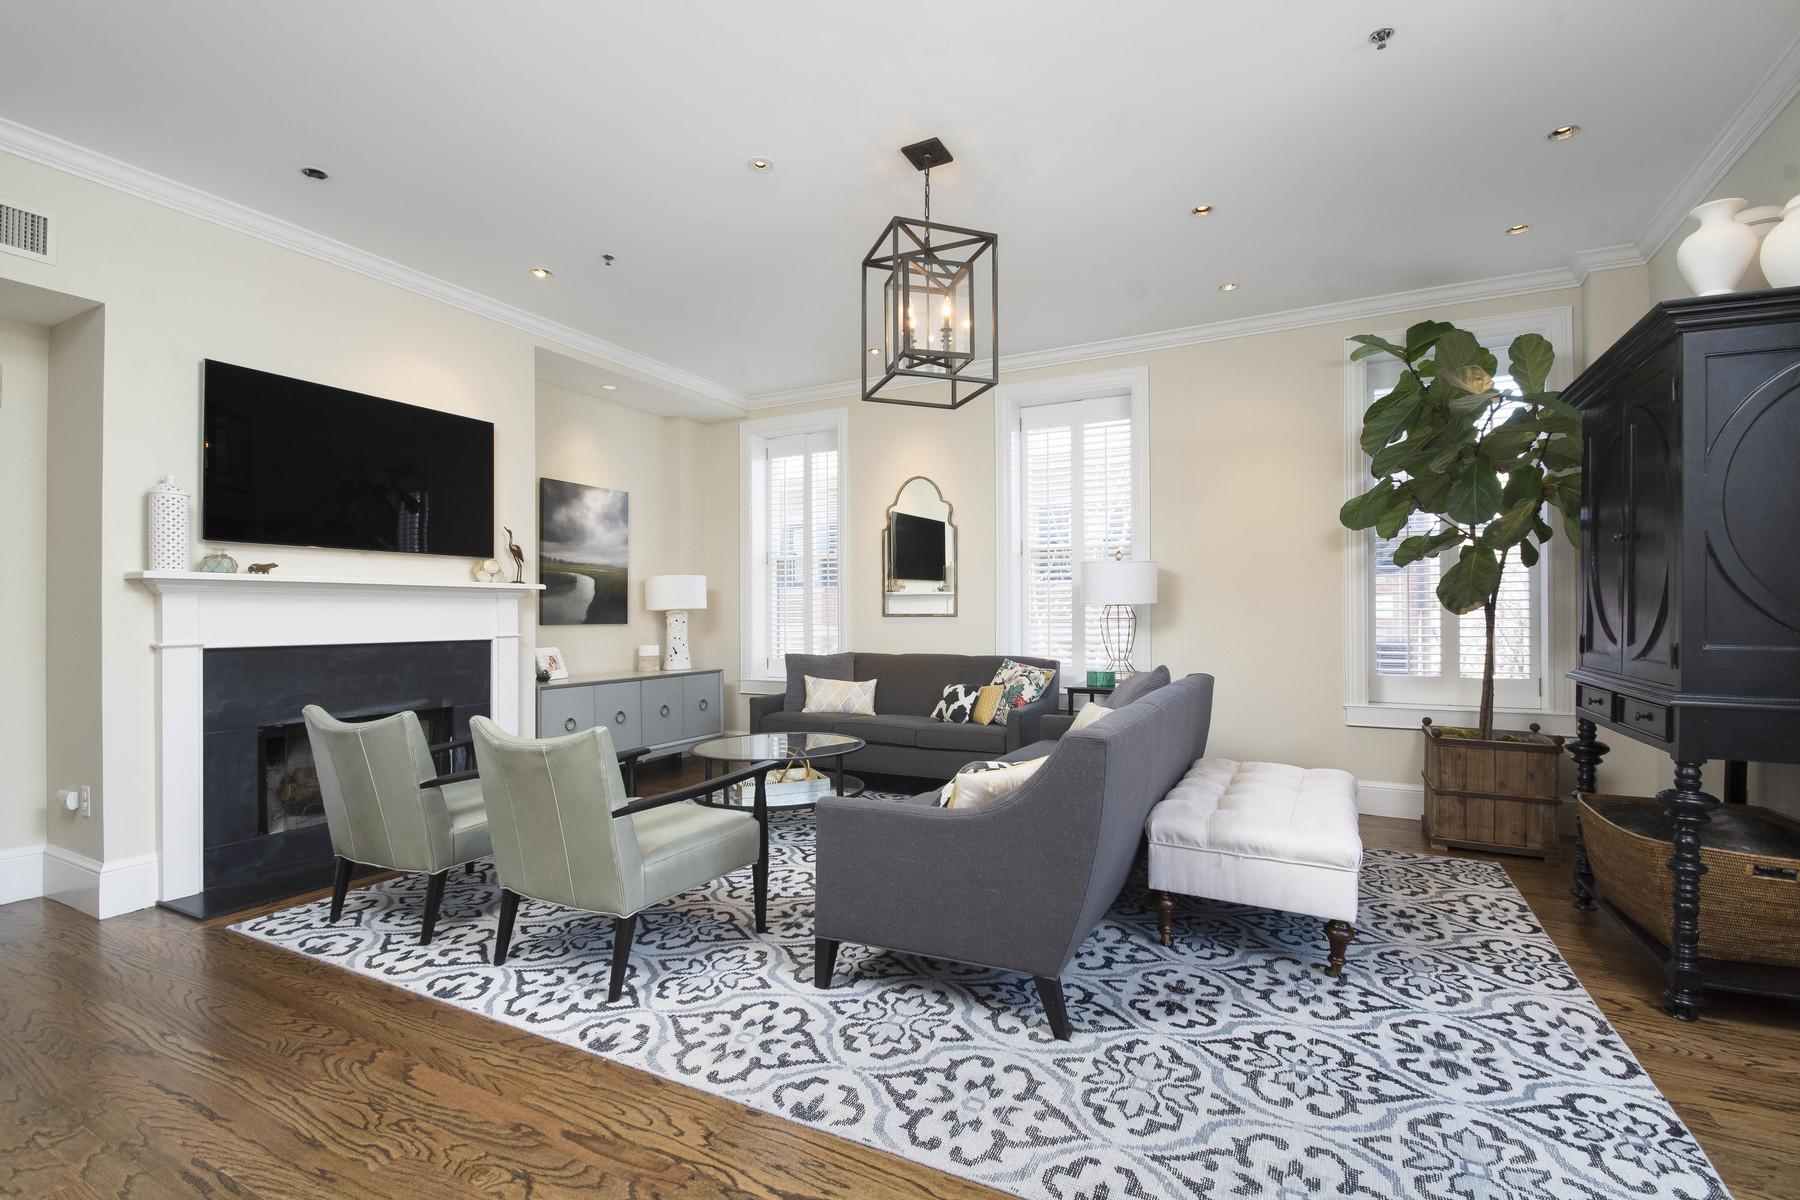 Кооперативная квартира для того Продажа на 1597 Washington St Condo Trust 14 Rutland Street Unit 14 Boston, Массачусетс, 02118 Соединенные Штаты